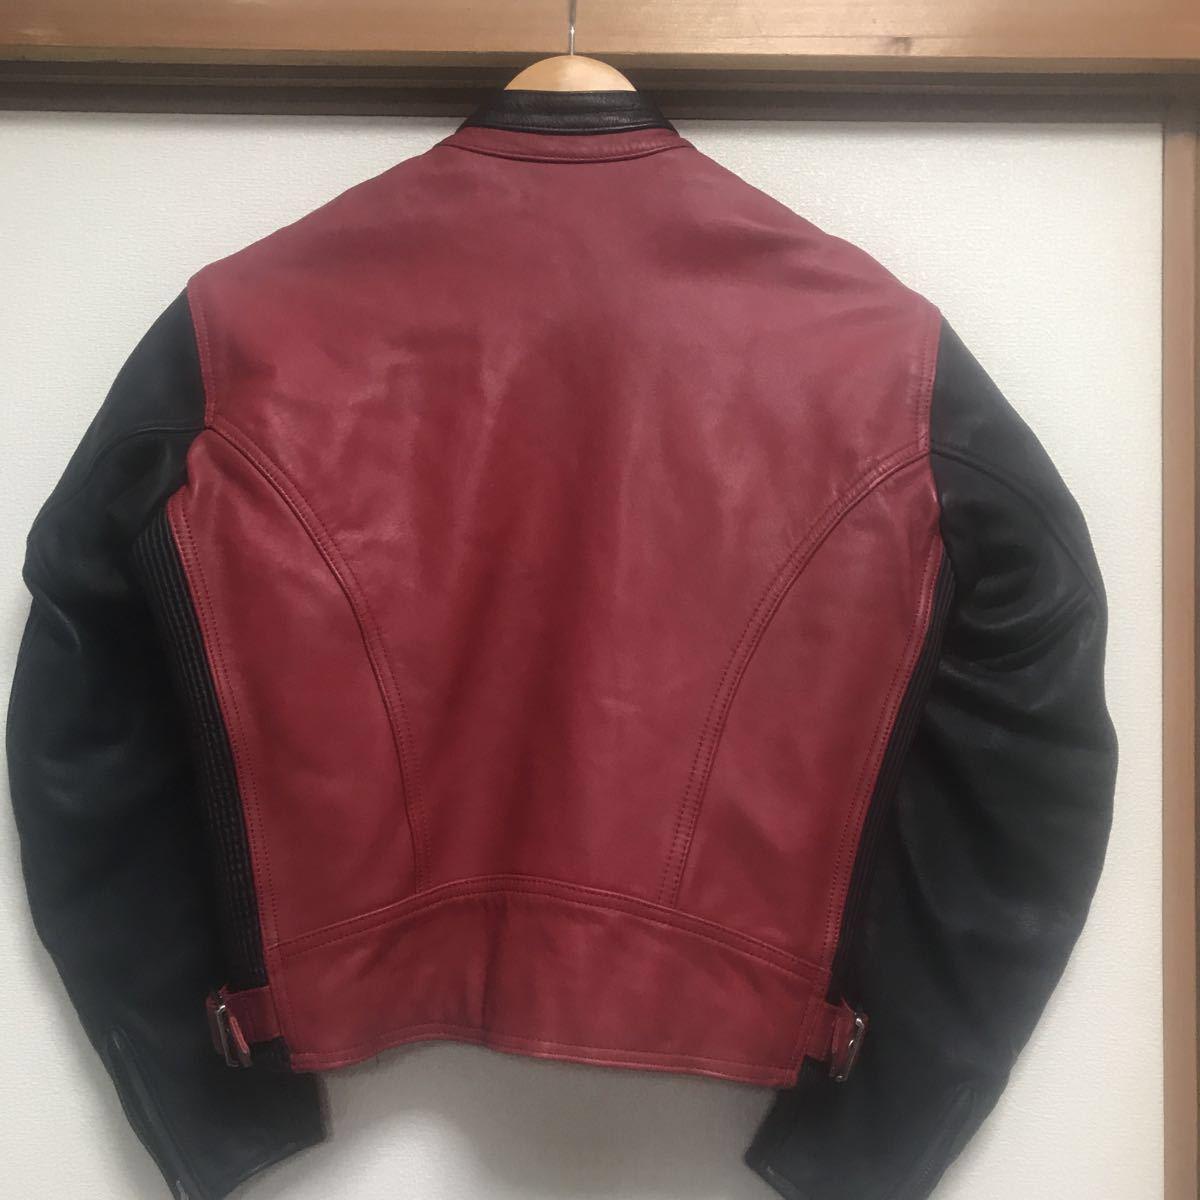 ハーレーダビッドソン ライダースジャケット レザー S 赤黒 牛革_画像5